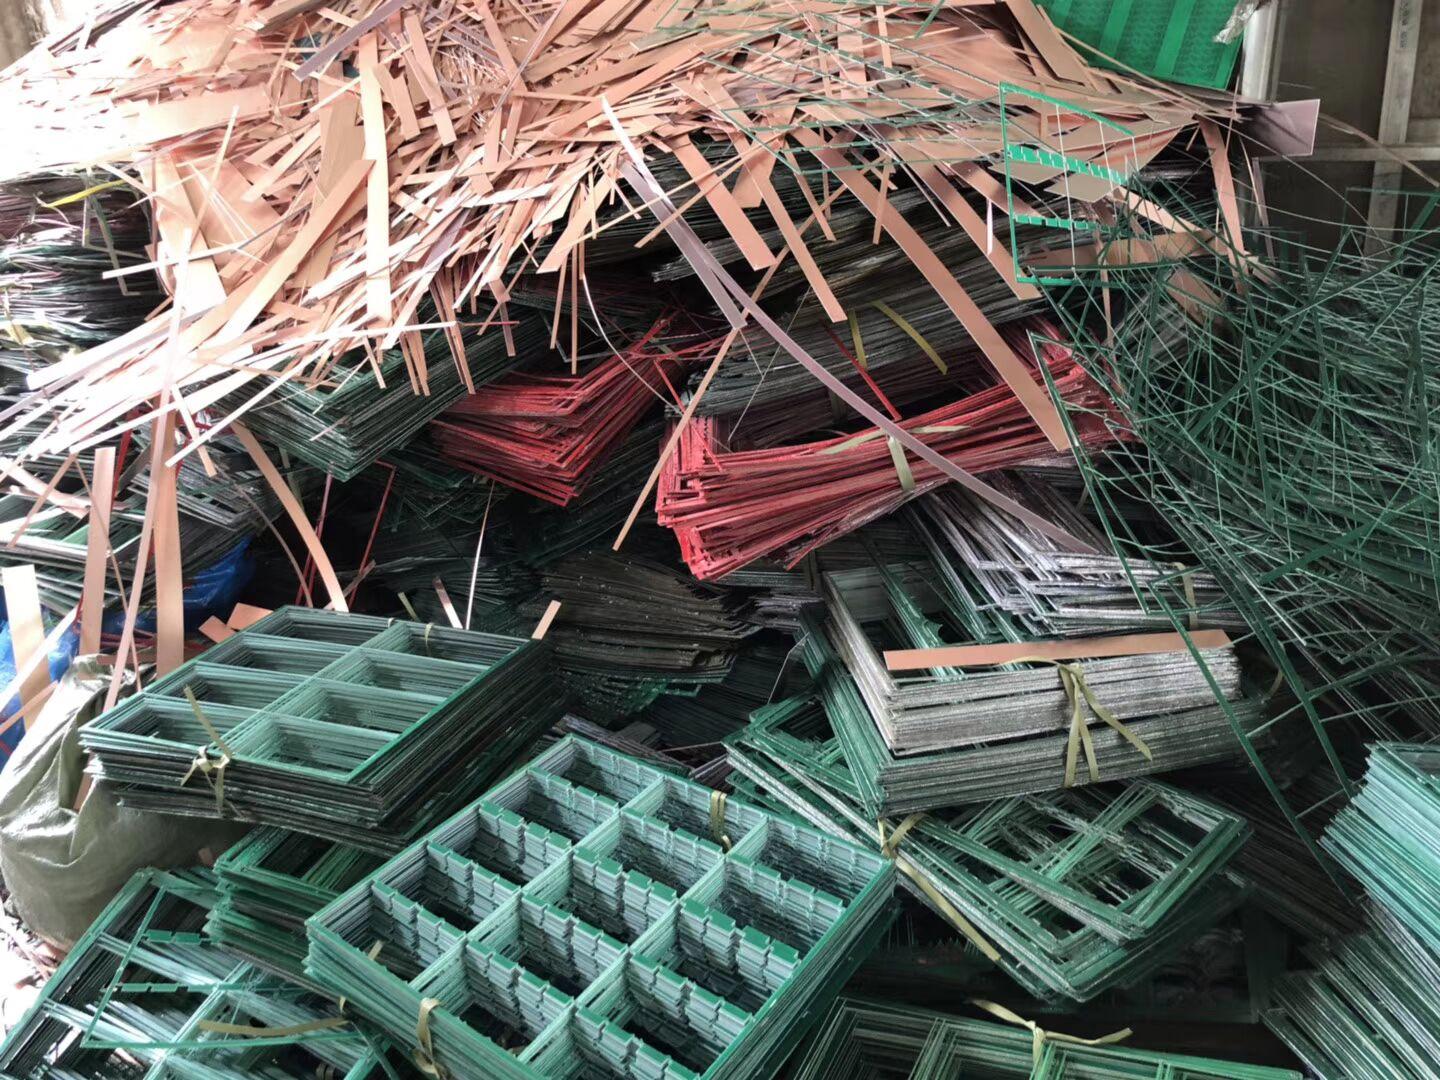 广州市专业回收旧模具回收公司,废旧旧模具回收哪家好